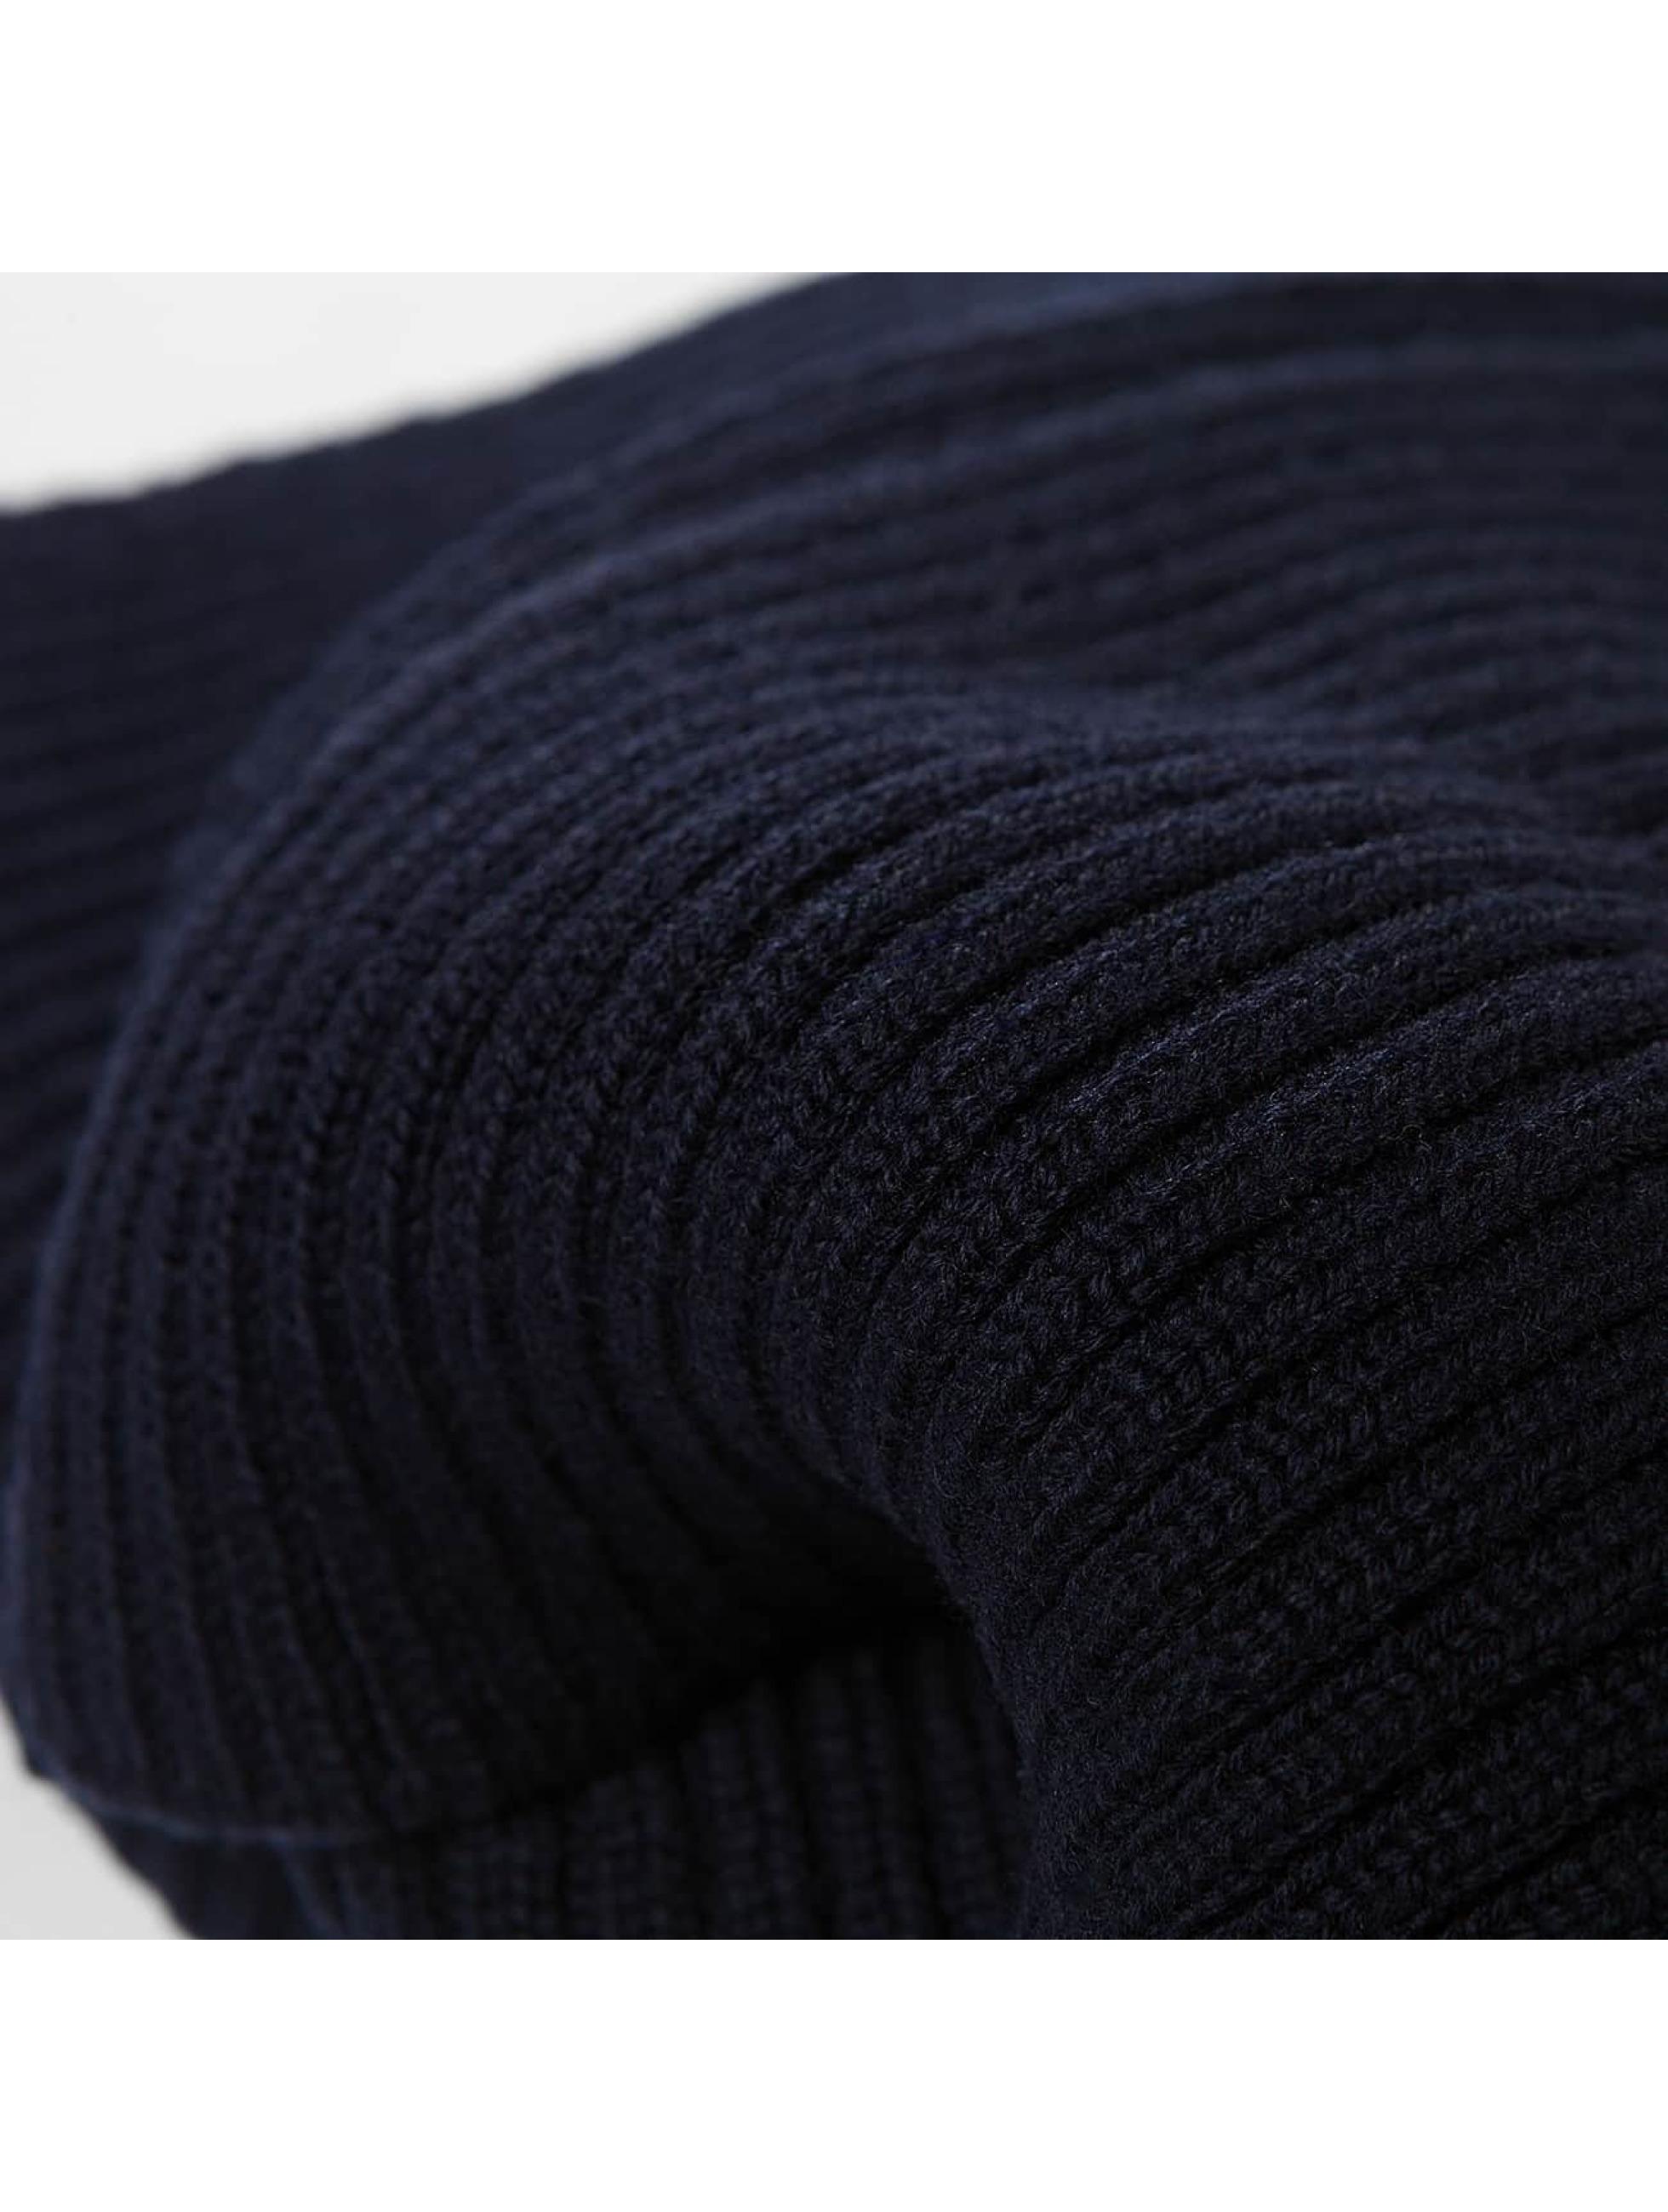 Lacoste Šály / Šatky Knitted modrá